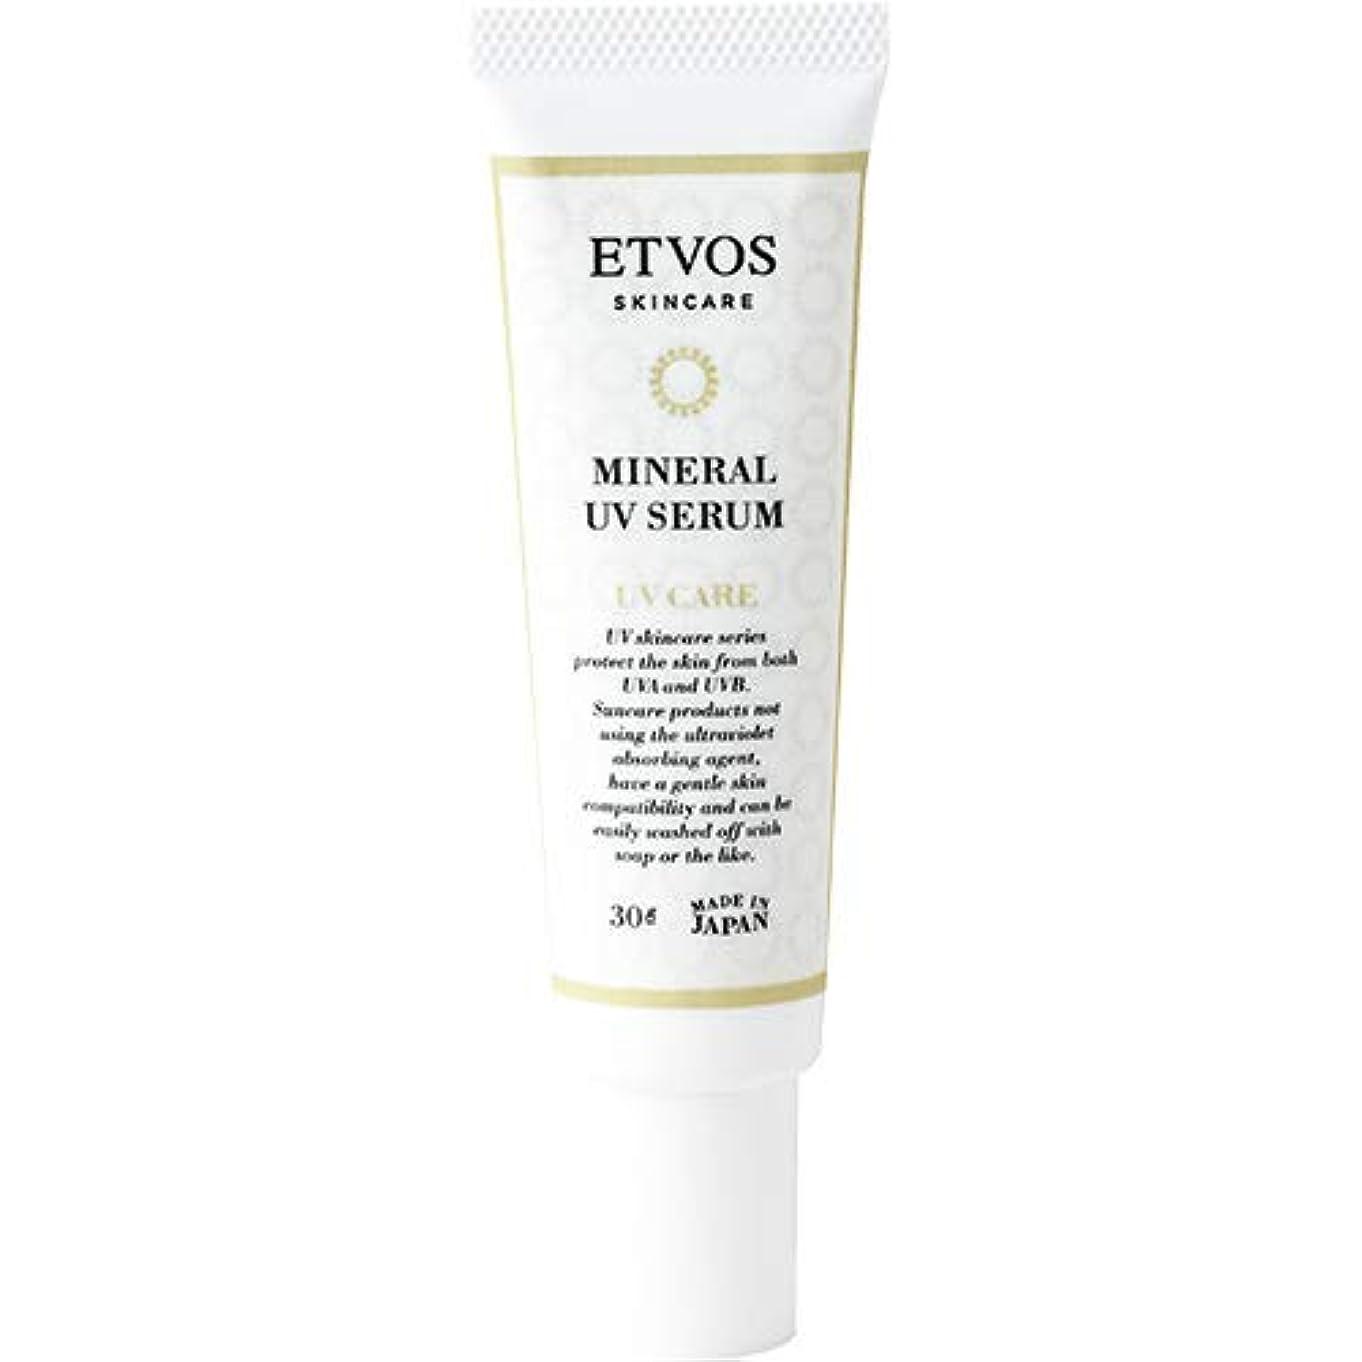 エレベーター天国霜ETVOS(エトヴォス) 日焼け止め美容液 ミネラルUVセラム SPF35/PA+++ 30g 化粧下地 紫外線吸収剤不使用